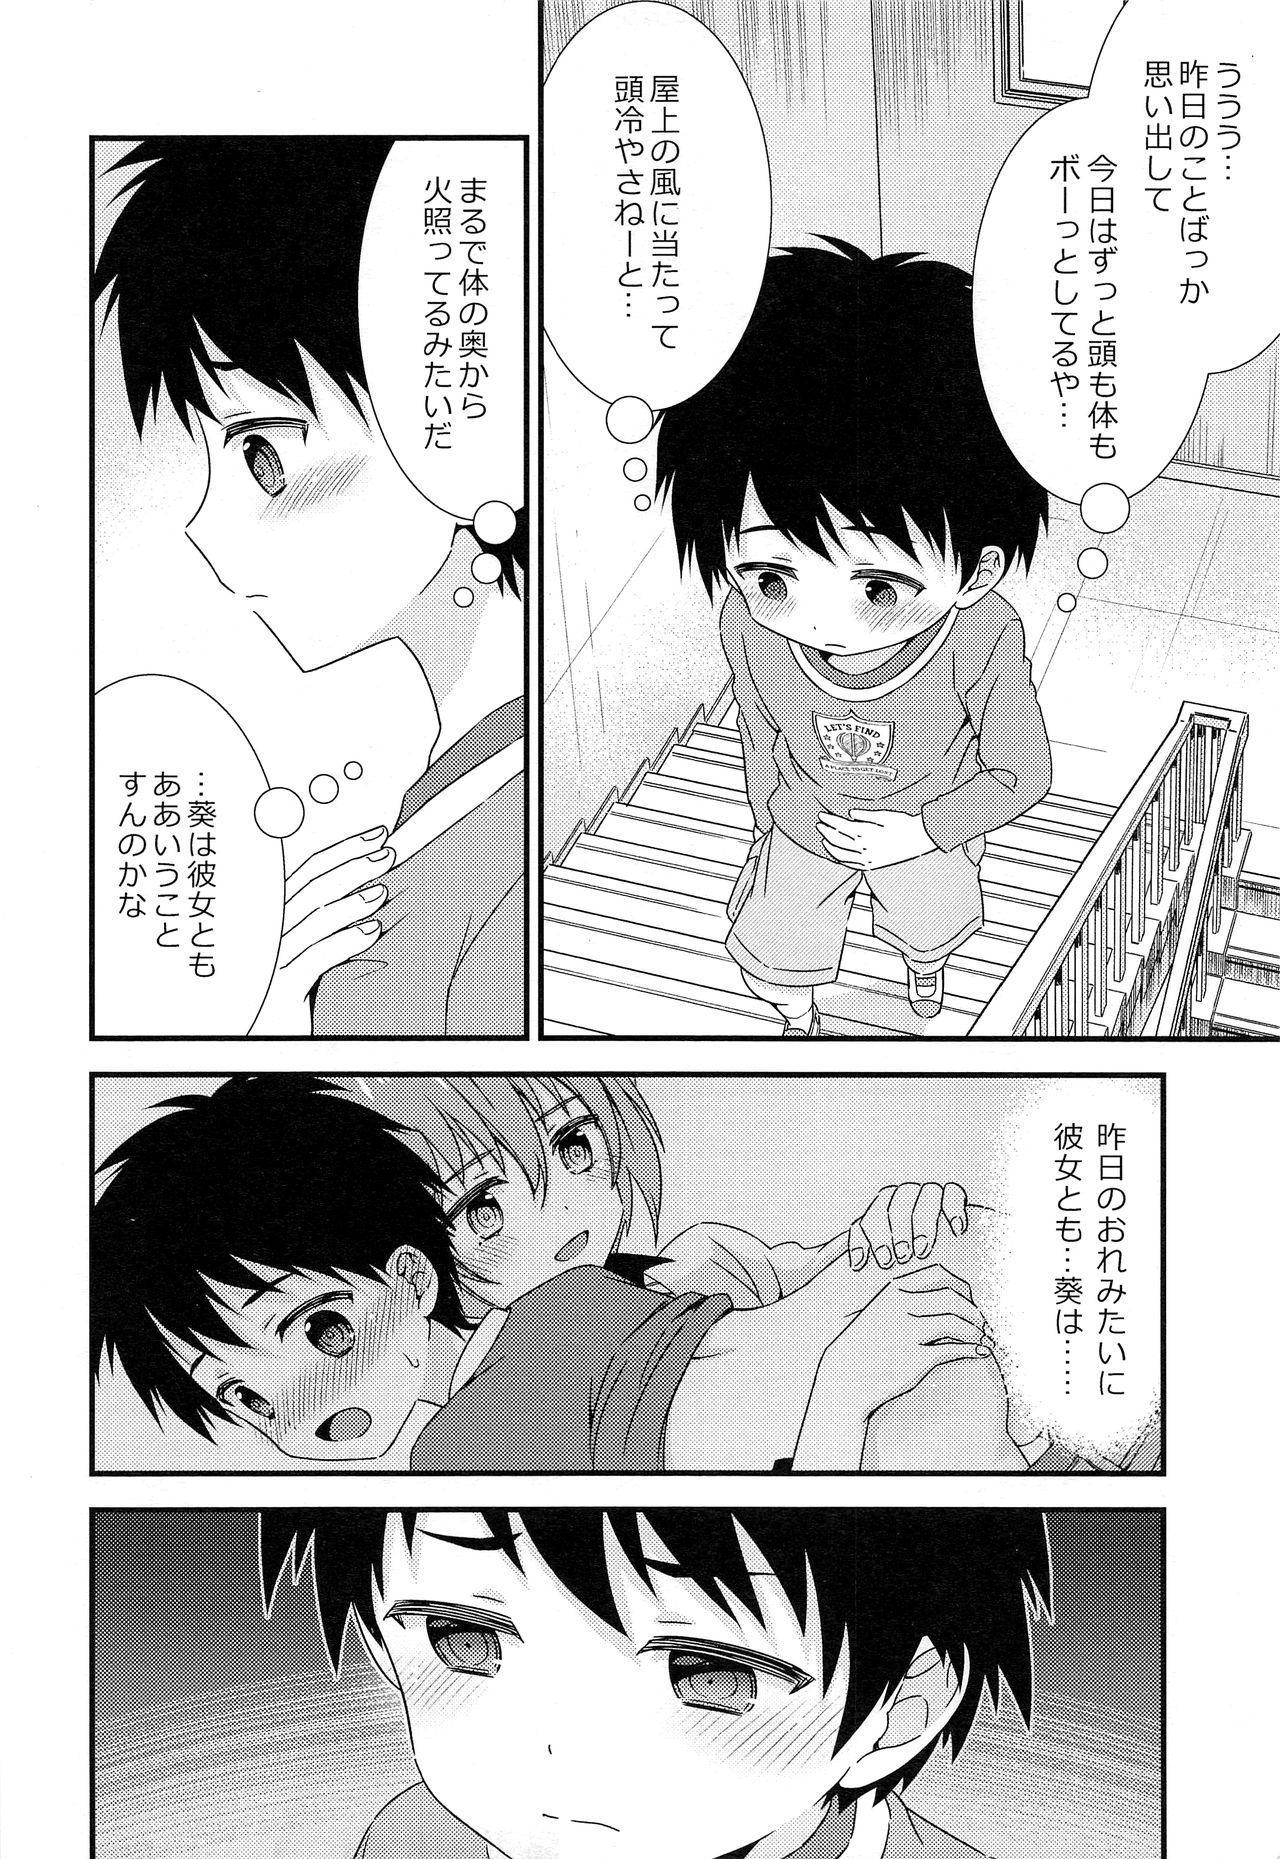 Yuujou no Hate ni Kimi to Sex shita 18